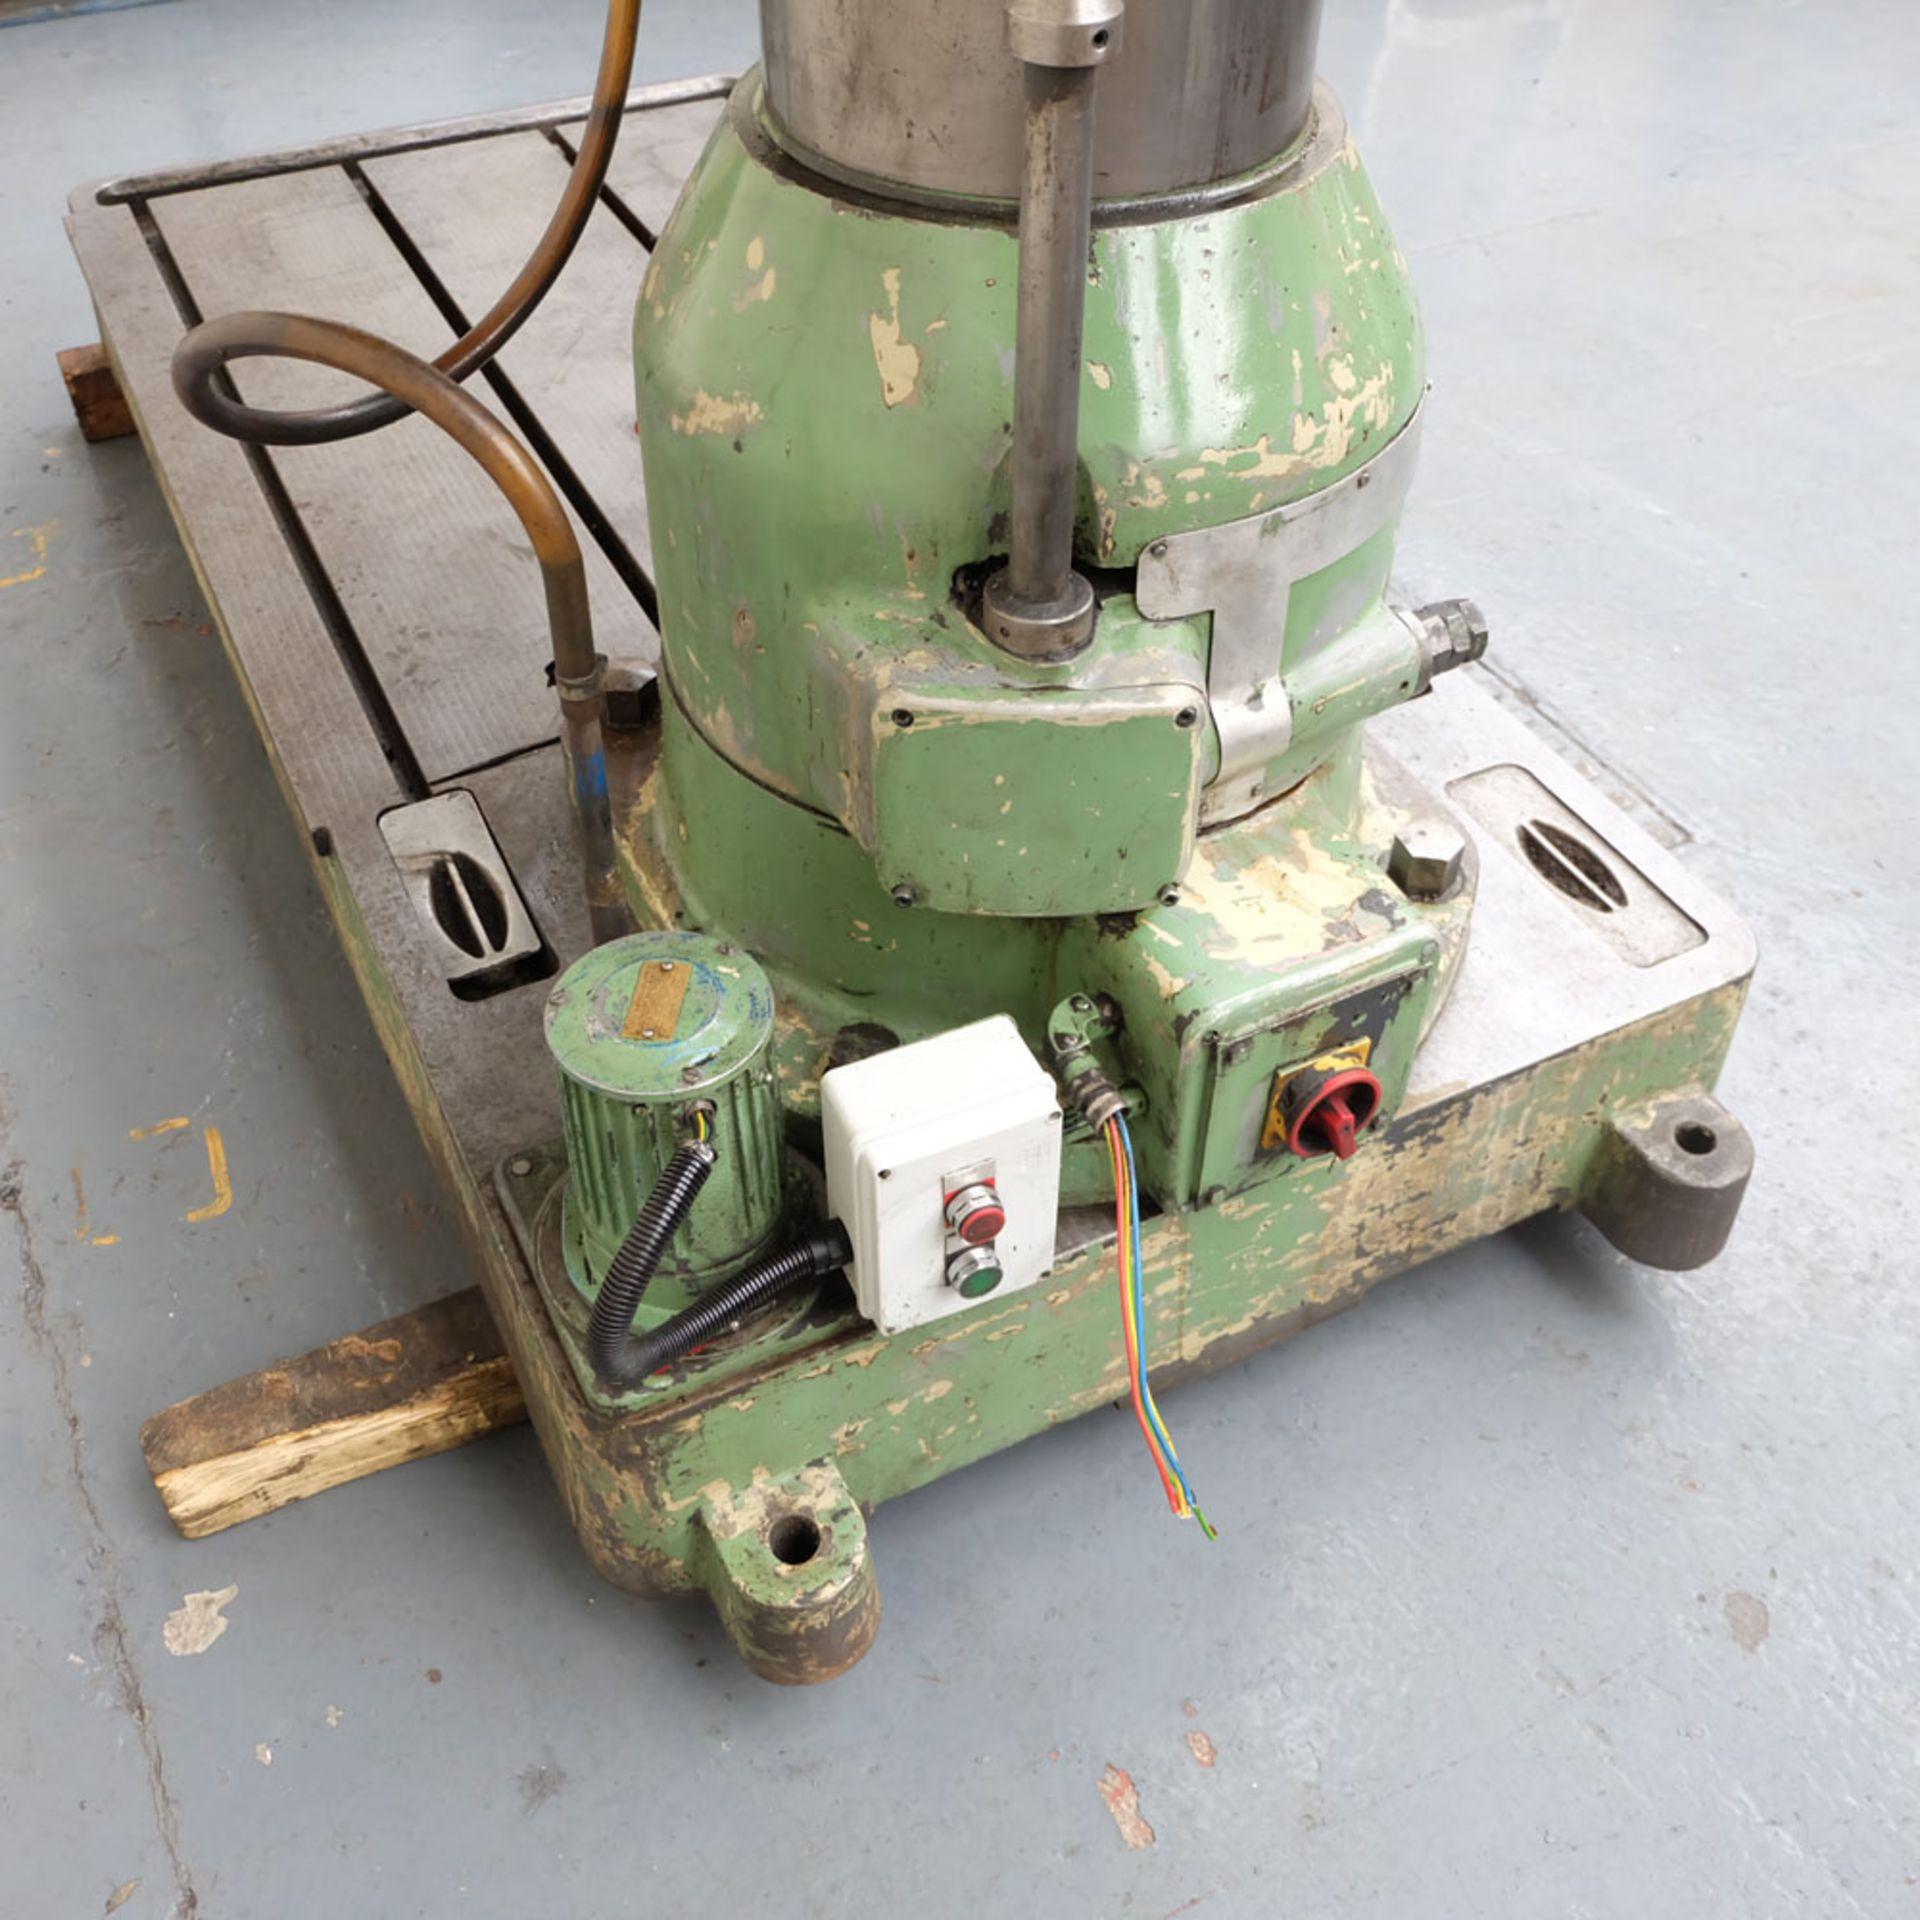 Kitchen-Walker Model E50-1400 4 1/2 FT Radial Alarm Drill. - Image 13 of 16